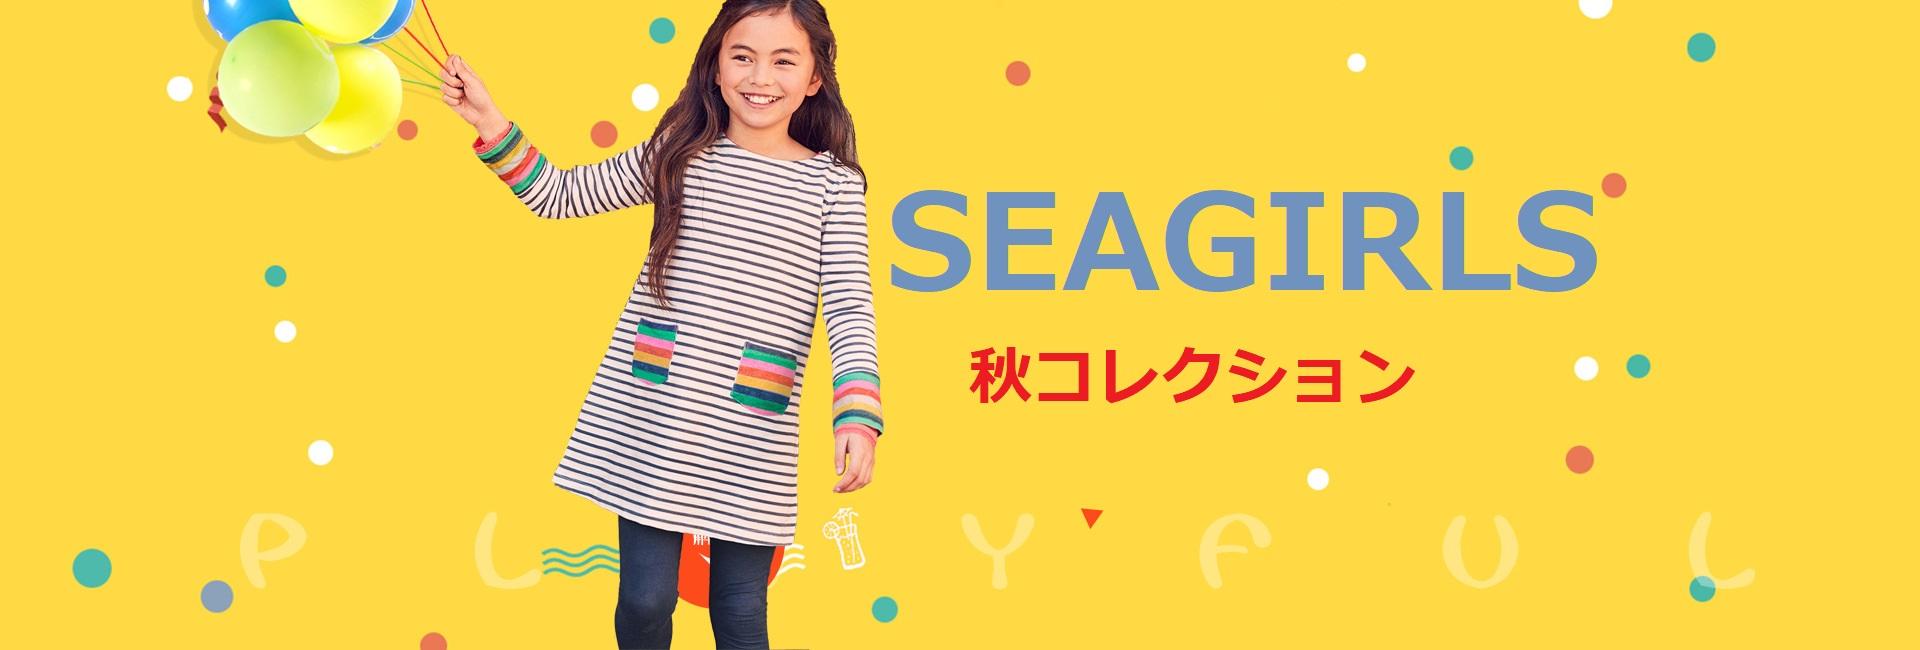 seagirls